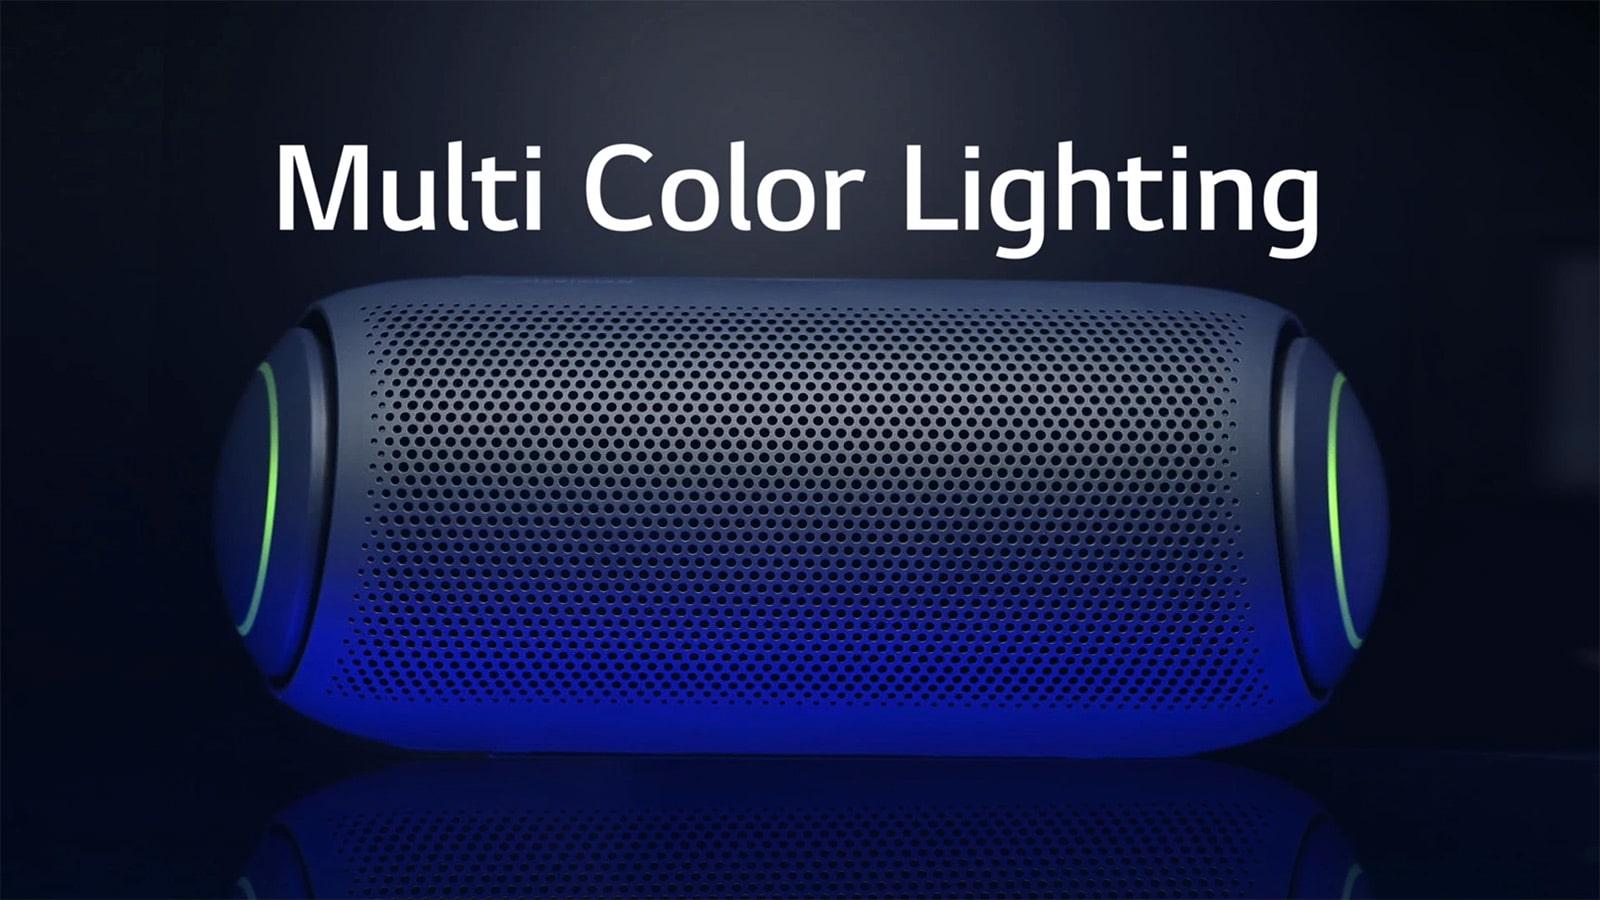 Ảnh mặt trước của XBOOM Go có đèn loa siêu trầm nhiều màu sắc trên nền tối màu